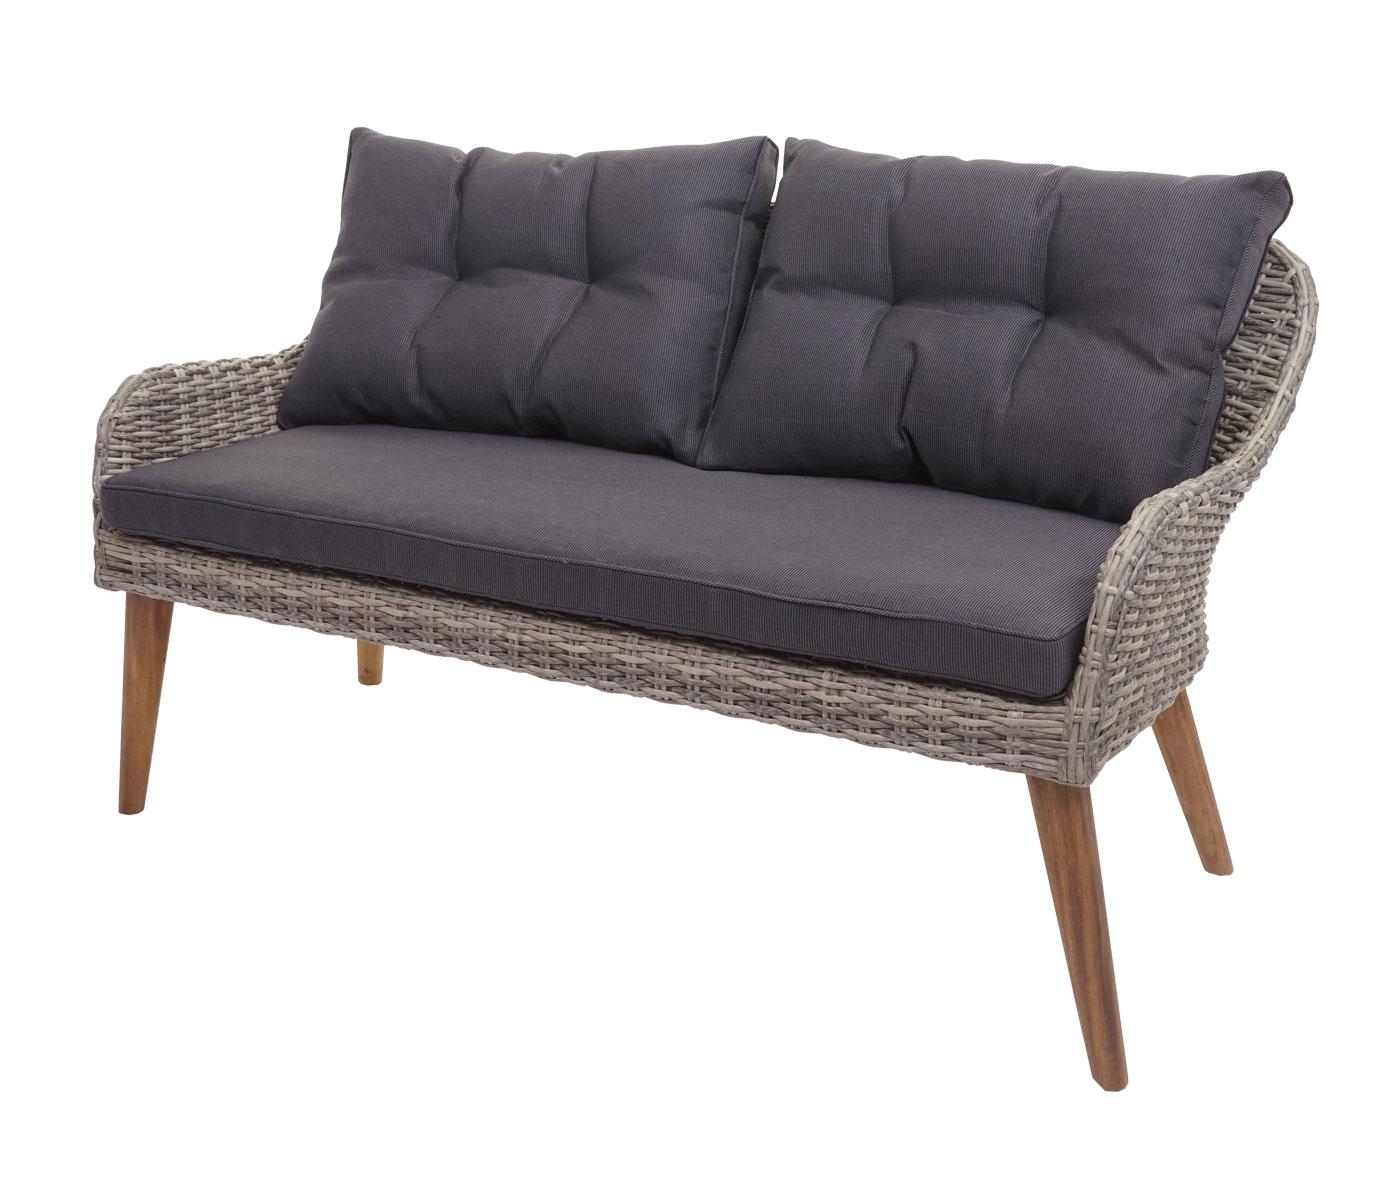 Gartengarnitur HWC-H64 Frontansicht Sofa